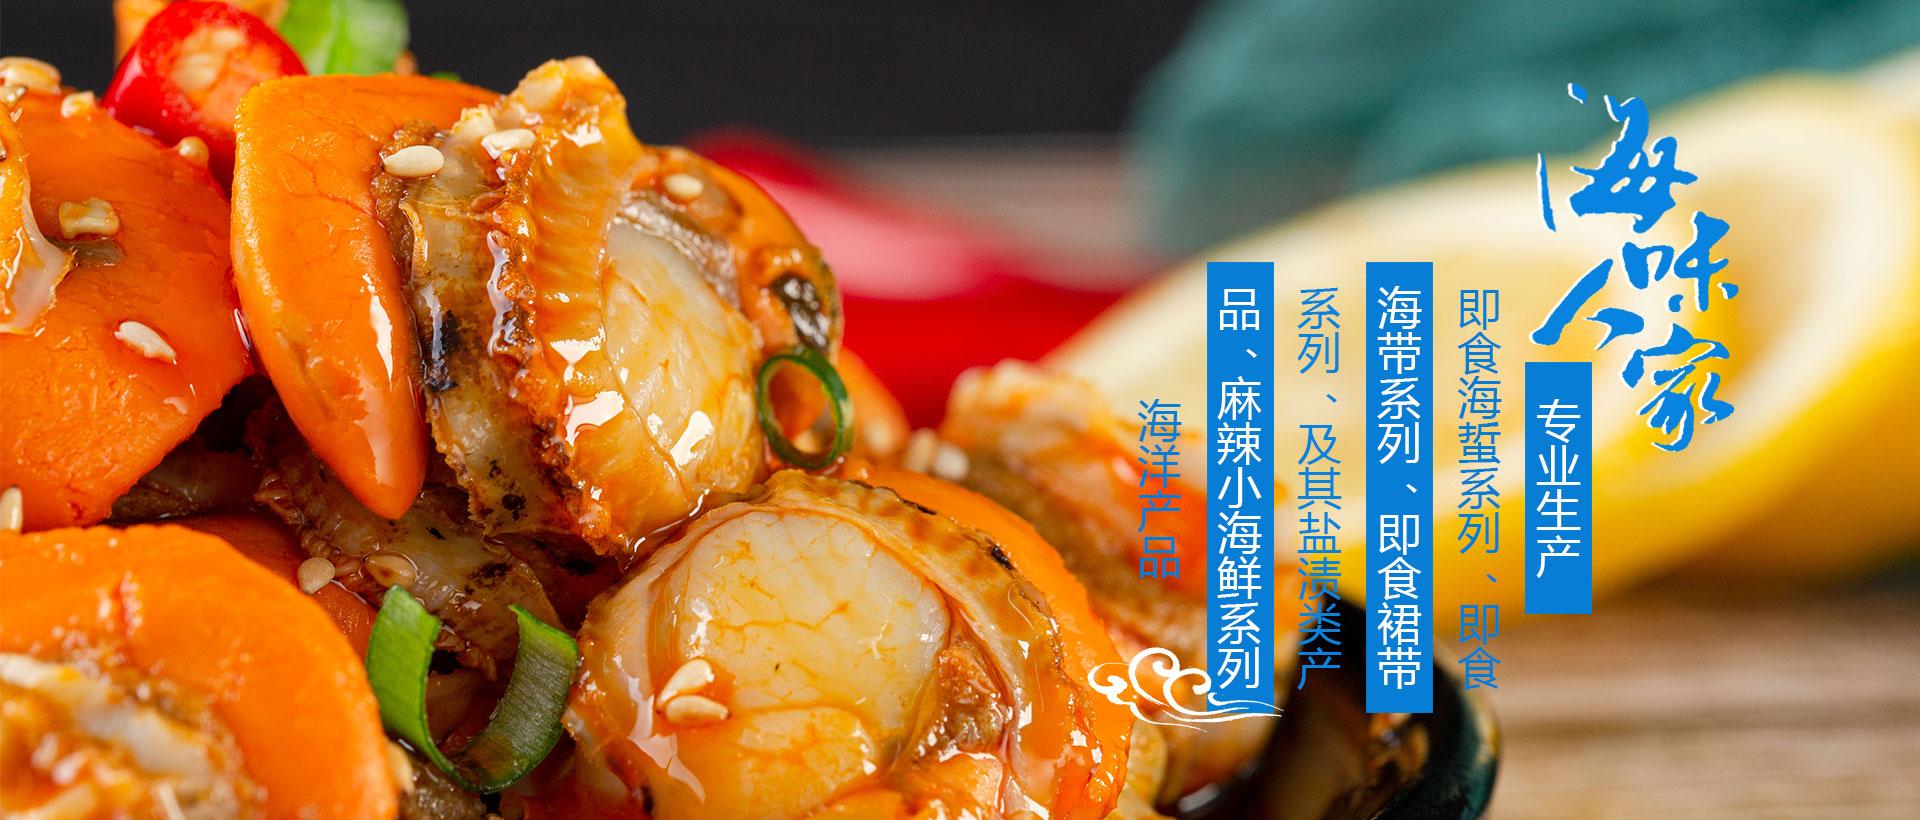 威海麻辣小海鲜,威海麻辣海鲜生产厂家,即食海产品代加工,虹洋海味人家